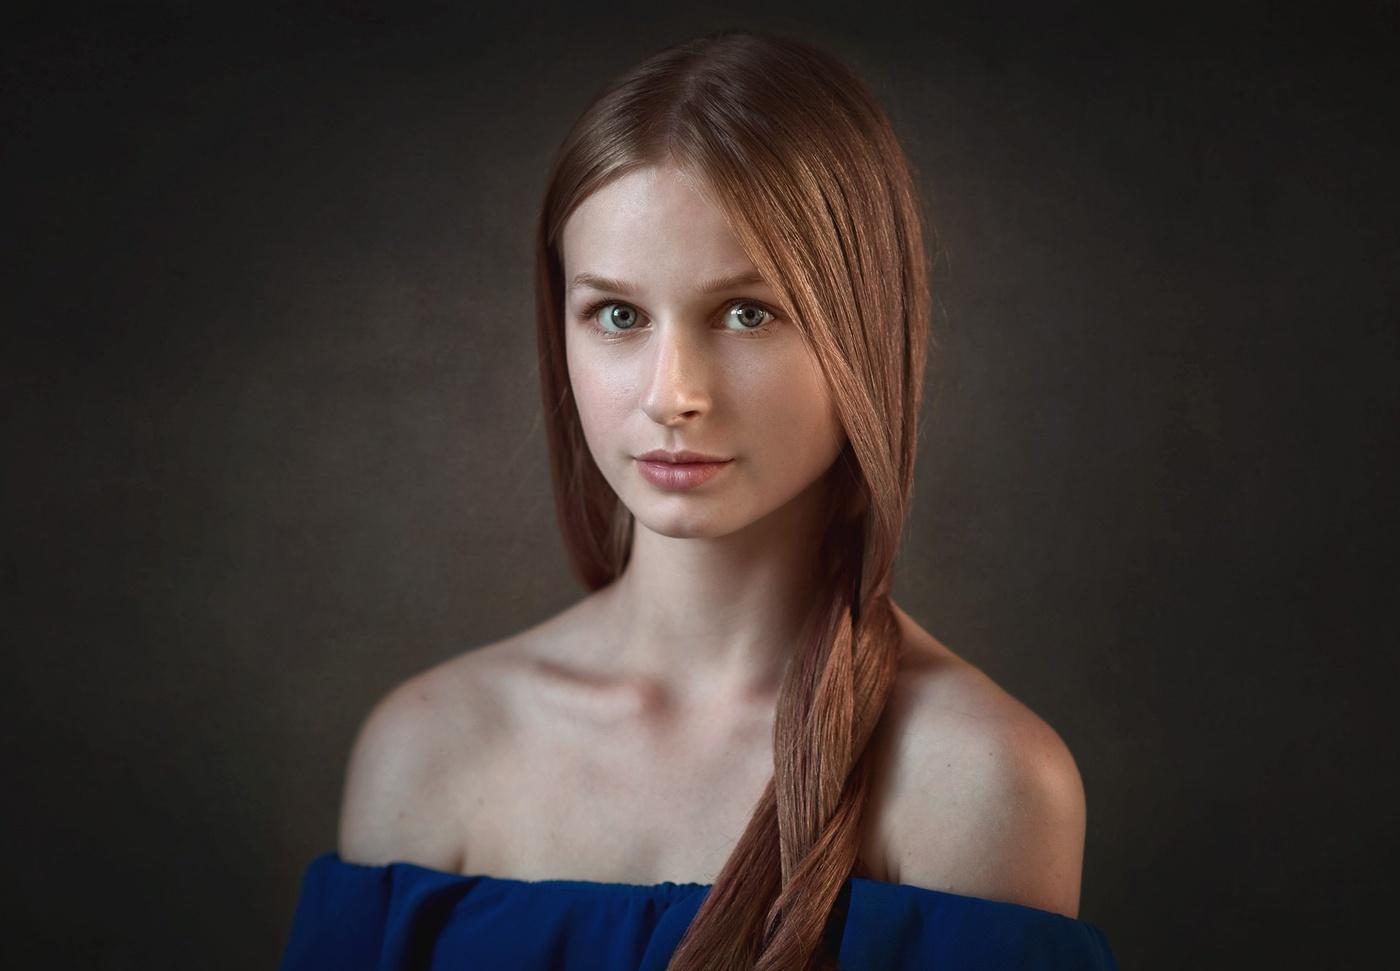 Девушка с русыми косами фото